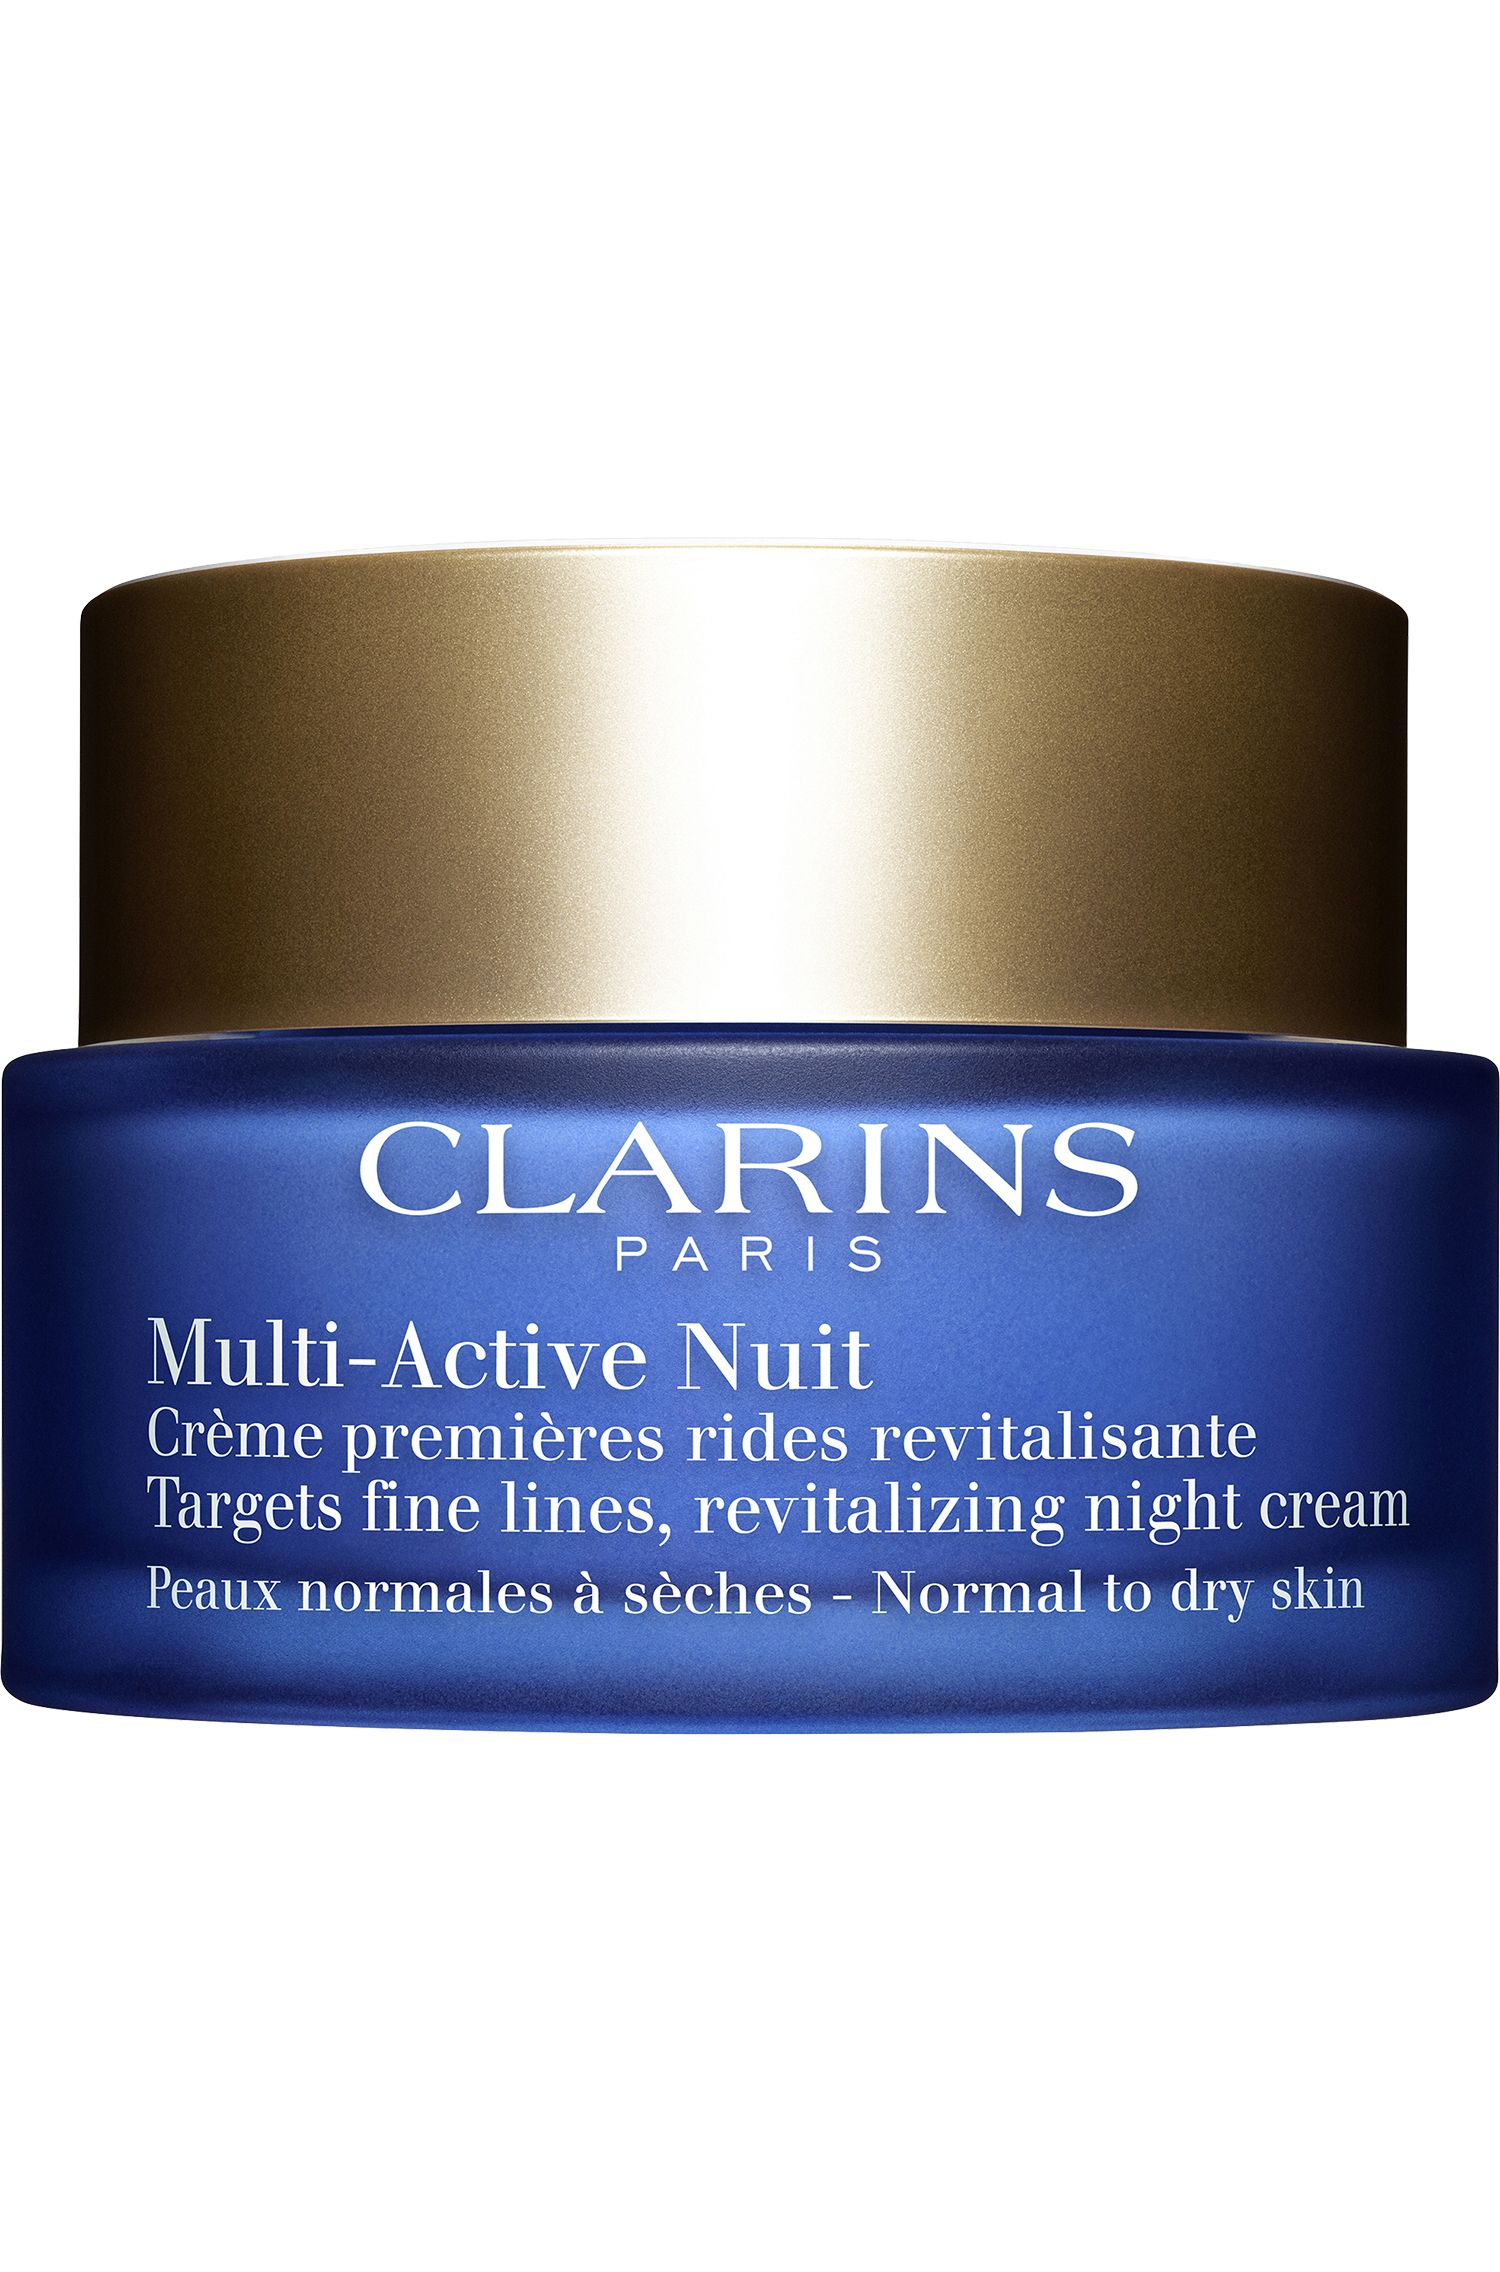 Blissim : Clarins - Crème nuit premières rides Multi-Active - Crème nuit premières rides Multi-Active